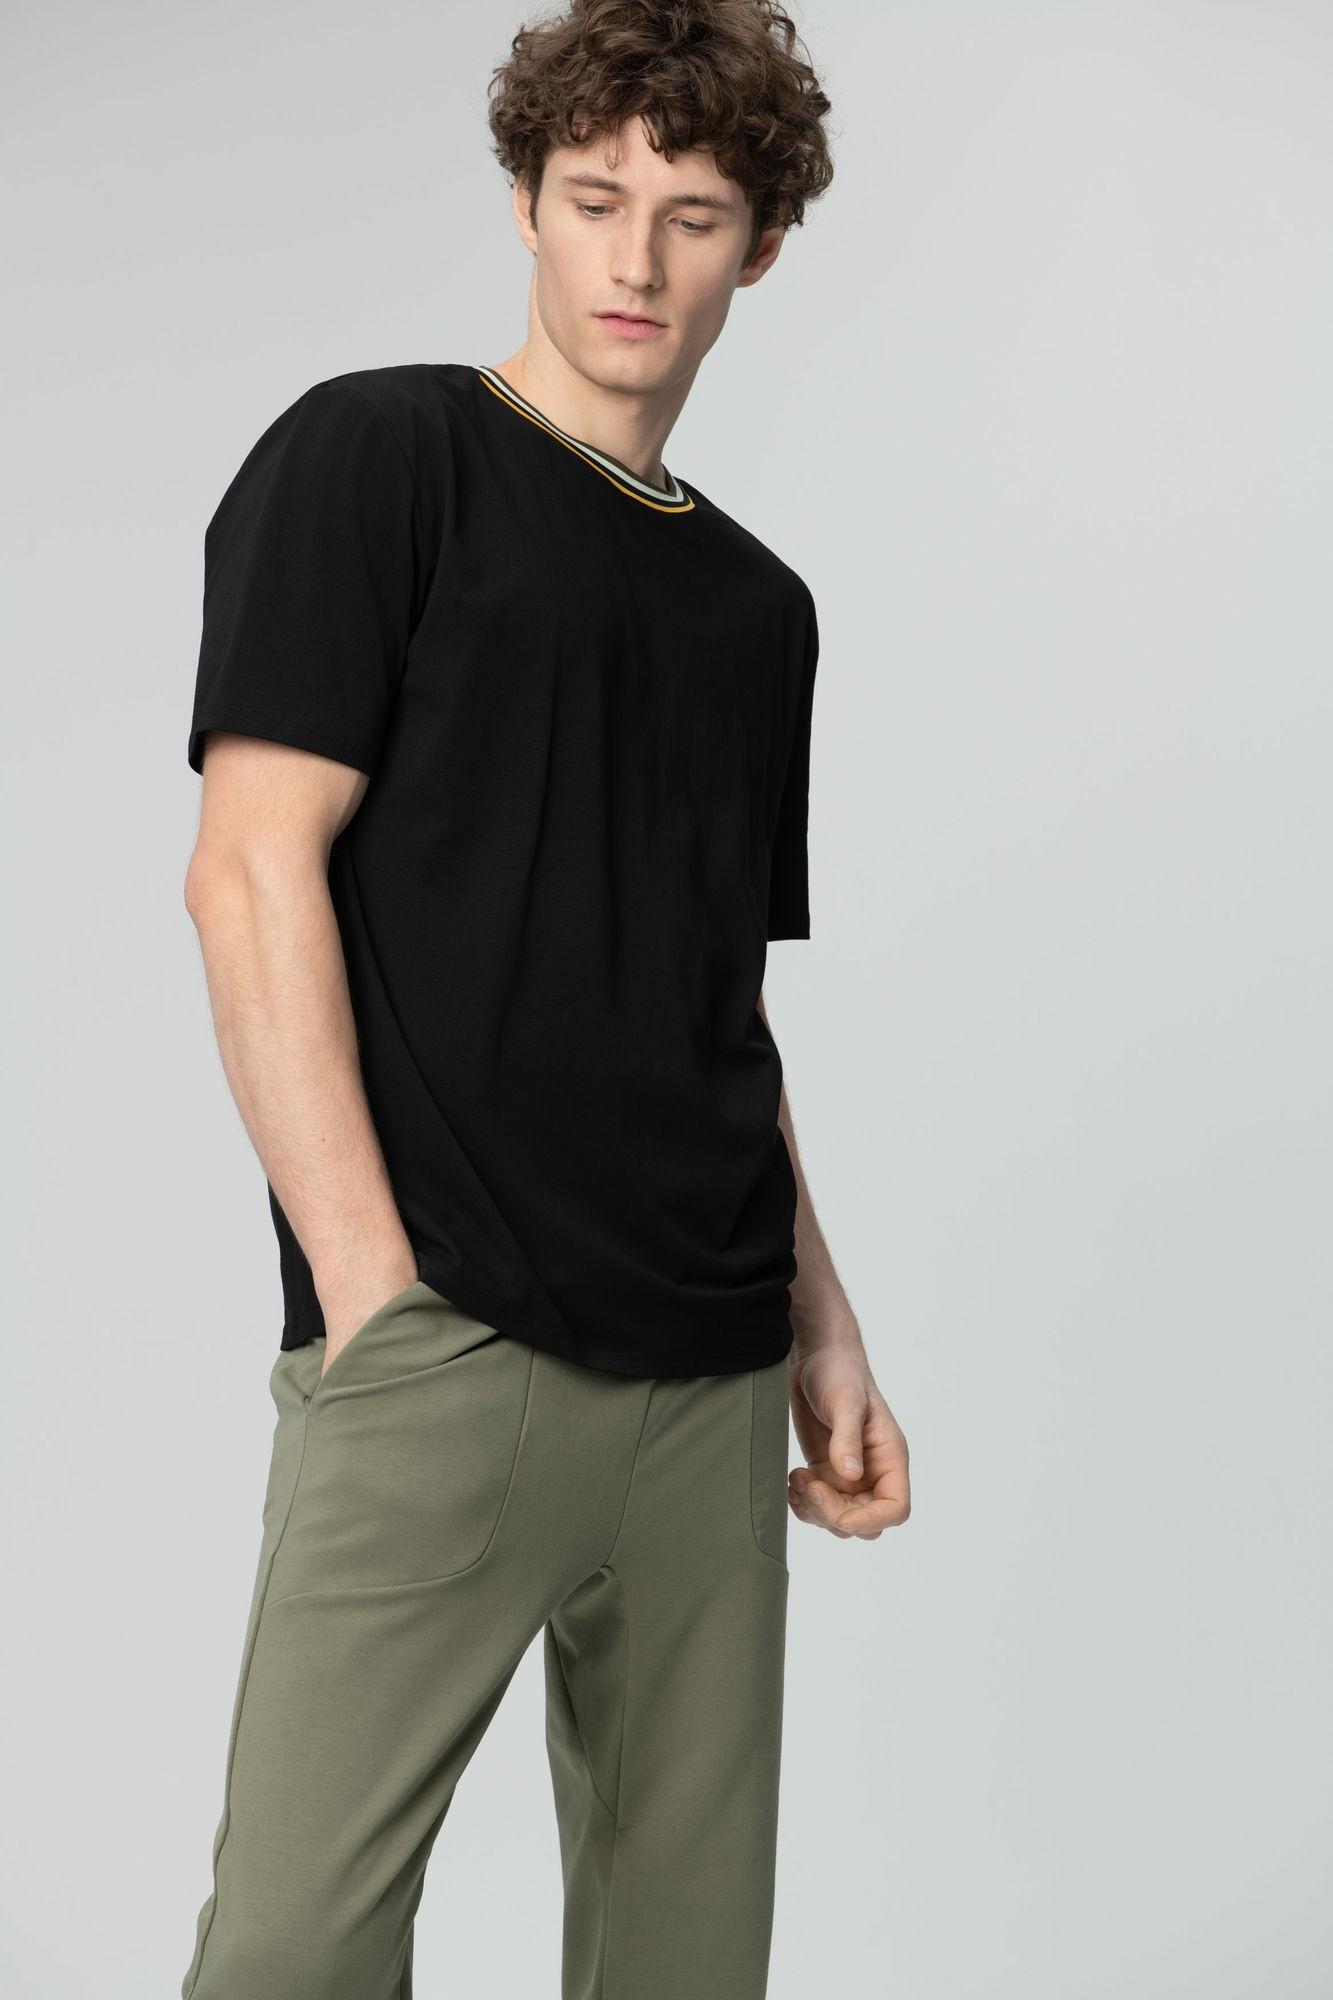 AUDIMAS Tamprūs medvilniniai marškinėliai 2011-642 Black S